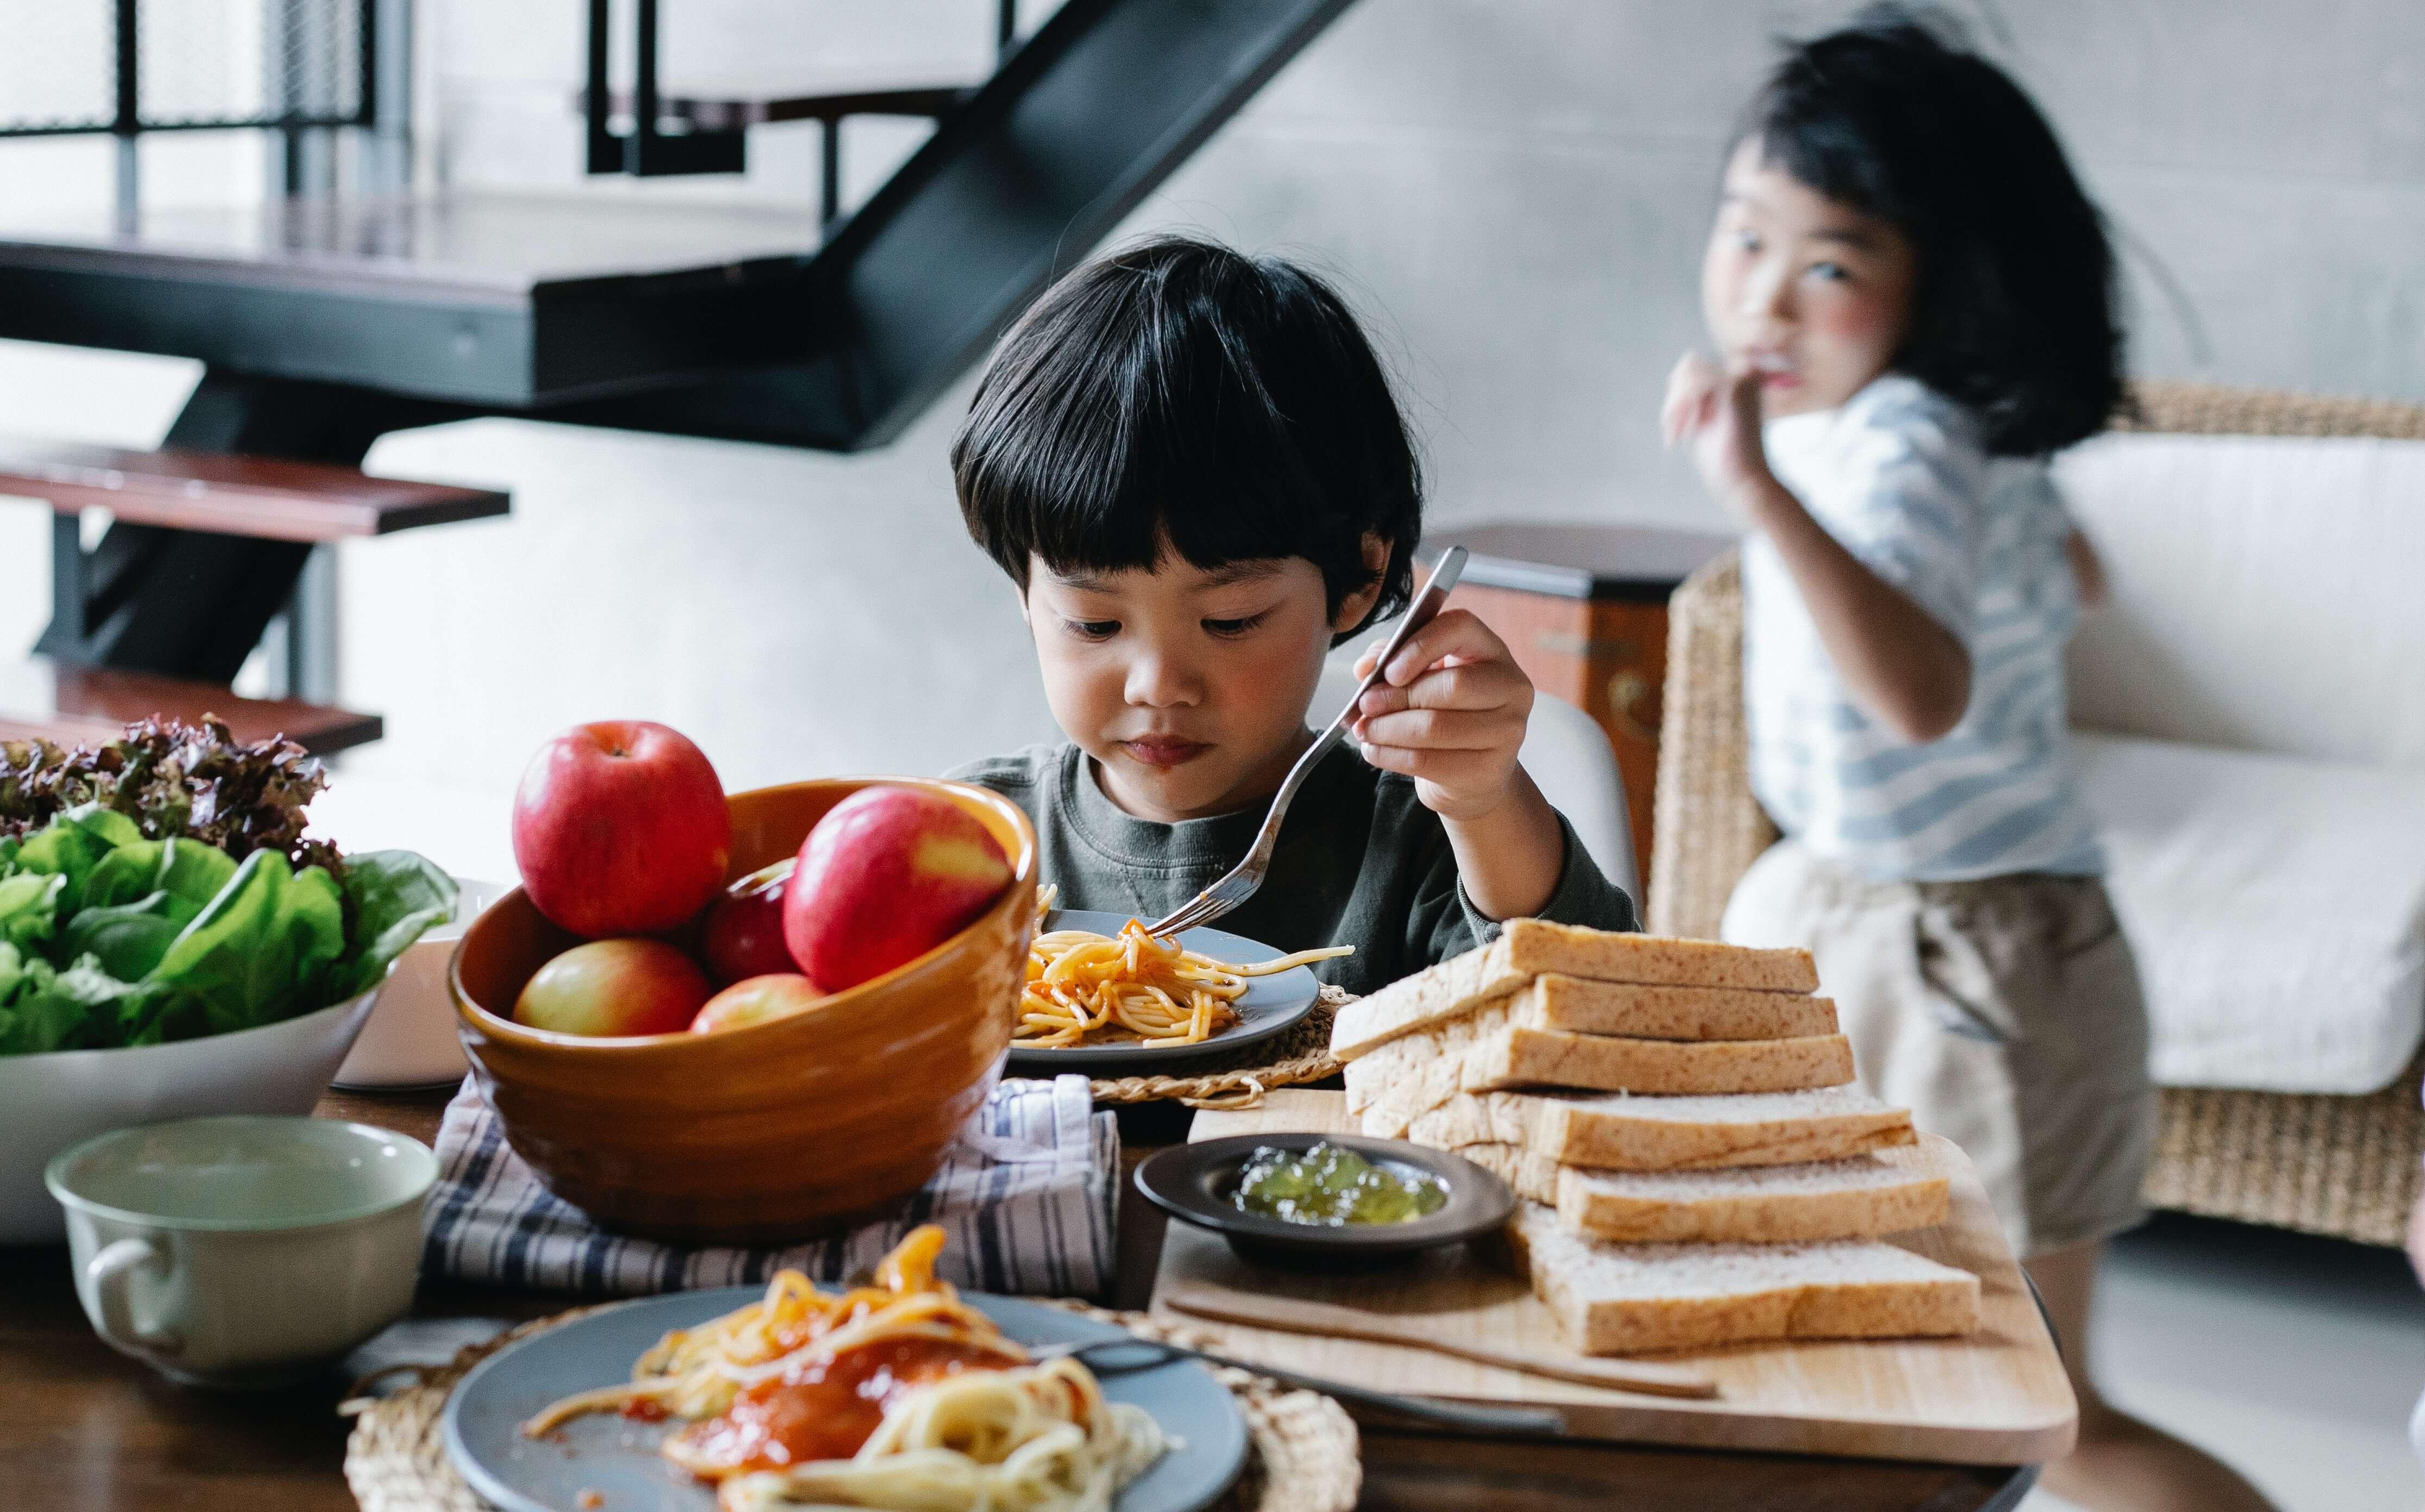 就連食物都有可能是人體的過敏原。